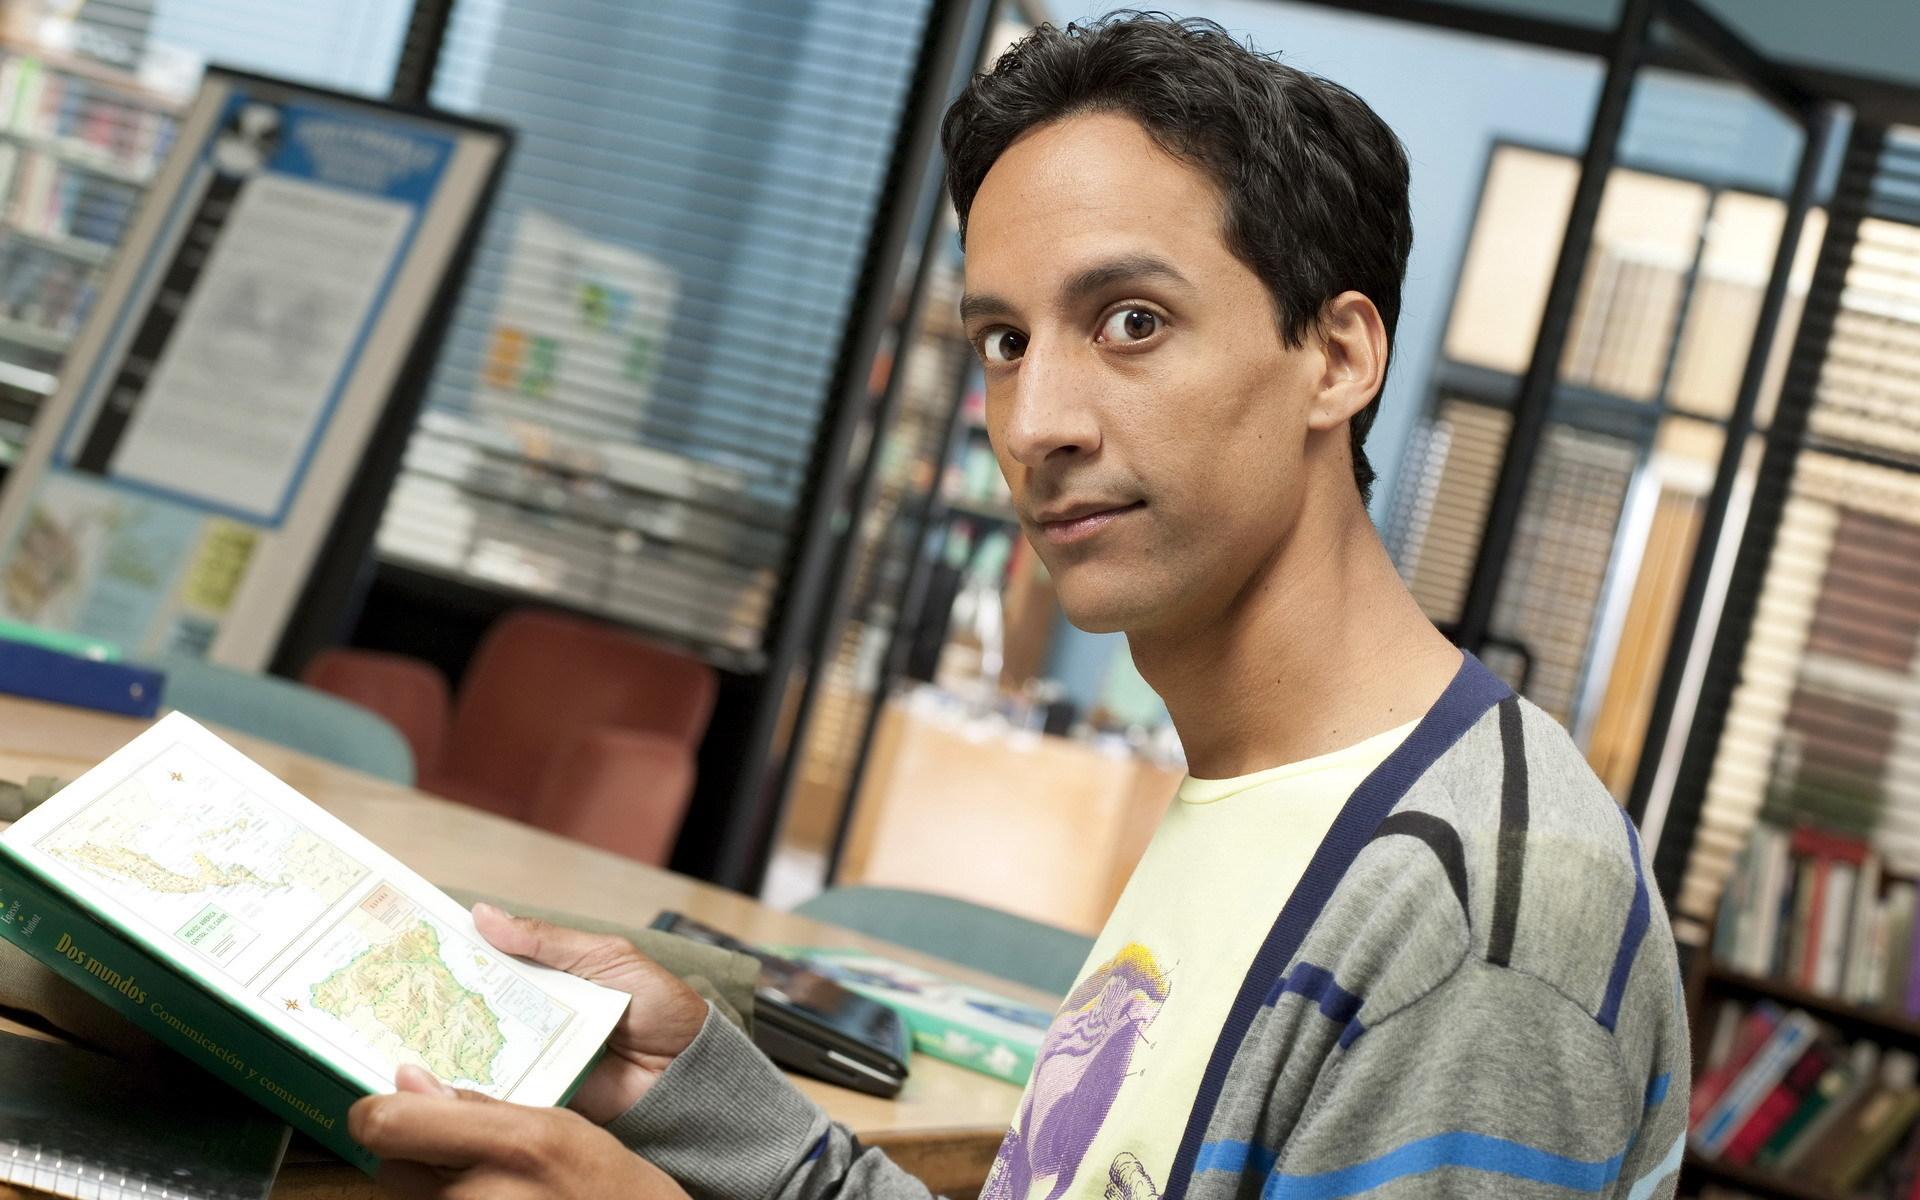 Abed-NadirS1promopicbook.jpg